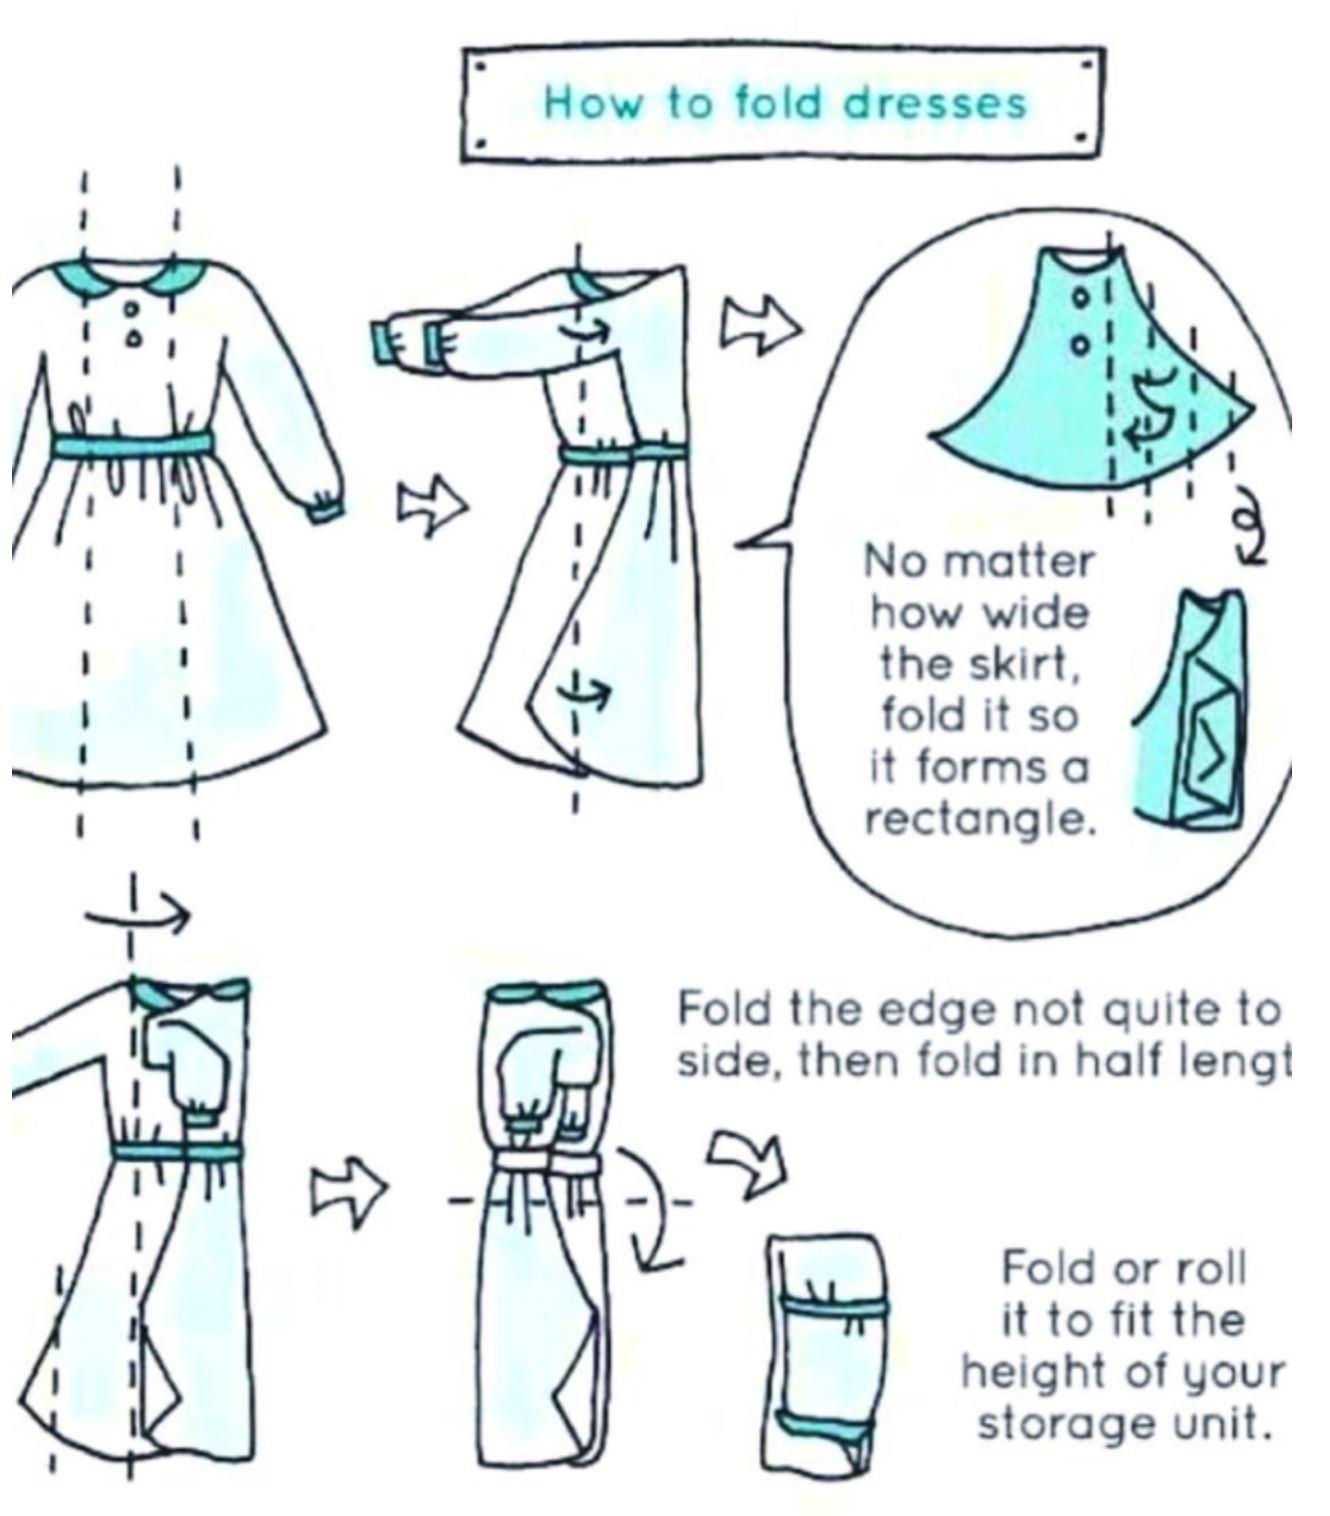 teknik lipat baju jepun 'konmari', buat almari pakaian korang kemas betul!